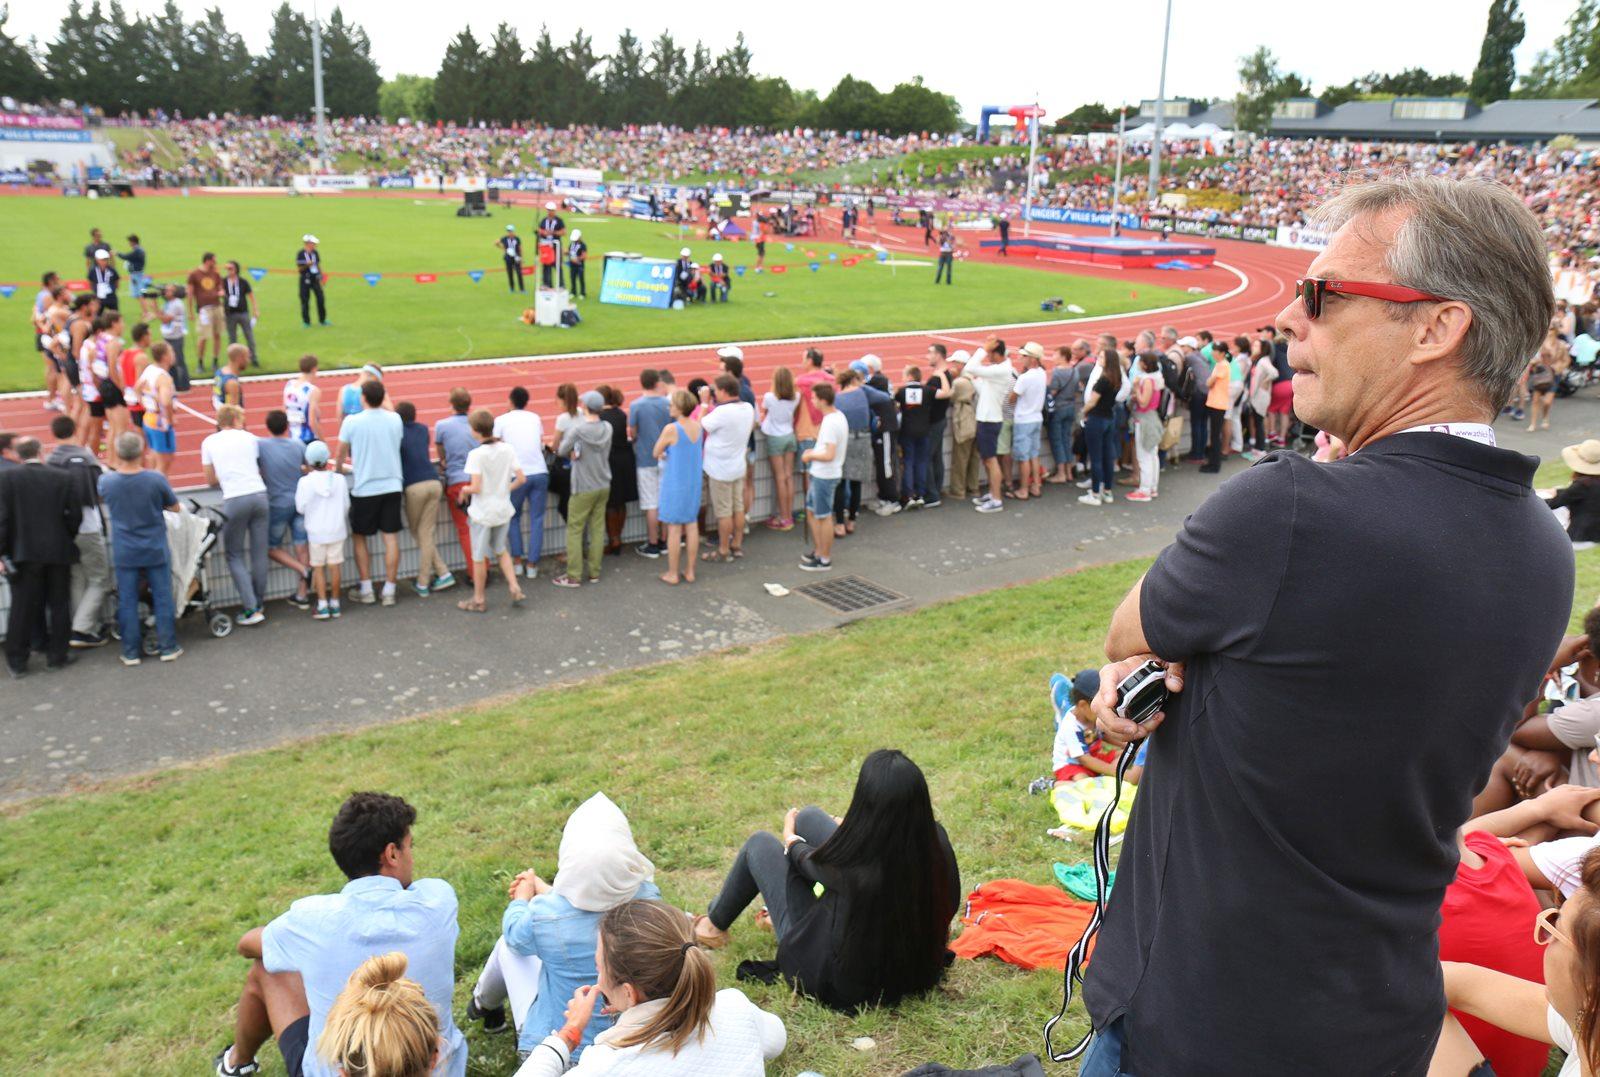 Philippe Dupont à Angers de la finale du 3000 mètres steeple remportée par Mahiedine Mekhissi